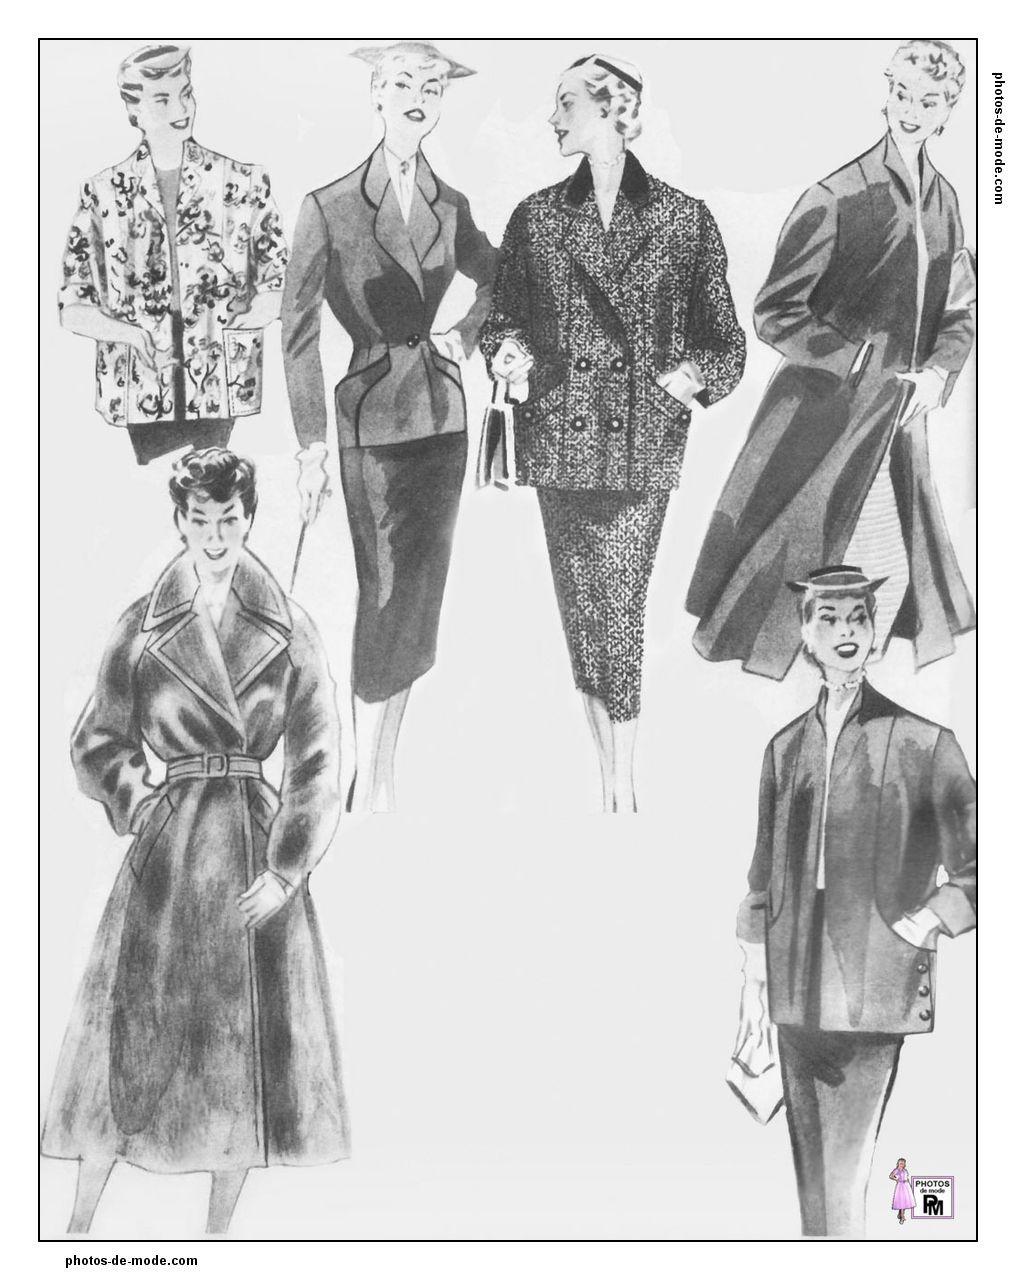 mode 1950 1954-1-BM-005.jpg | Mode rétro | Pinterest